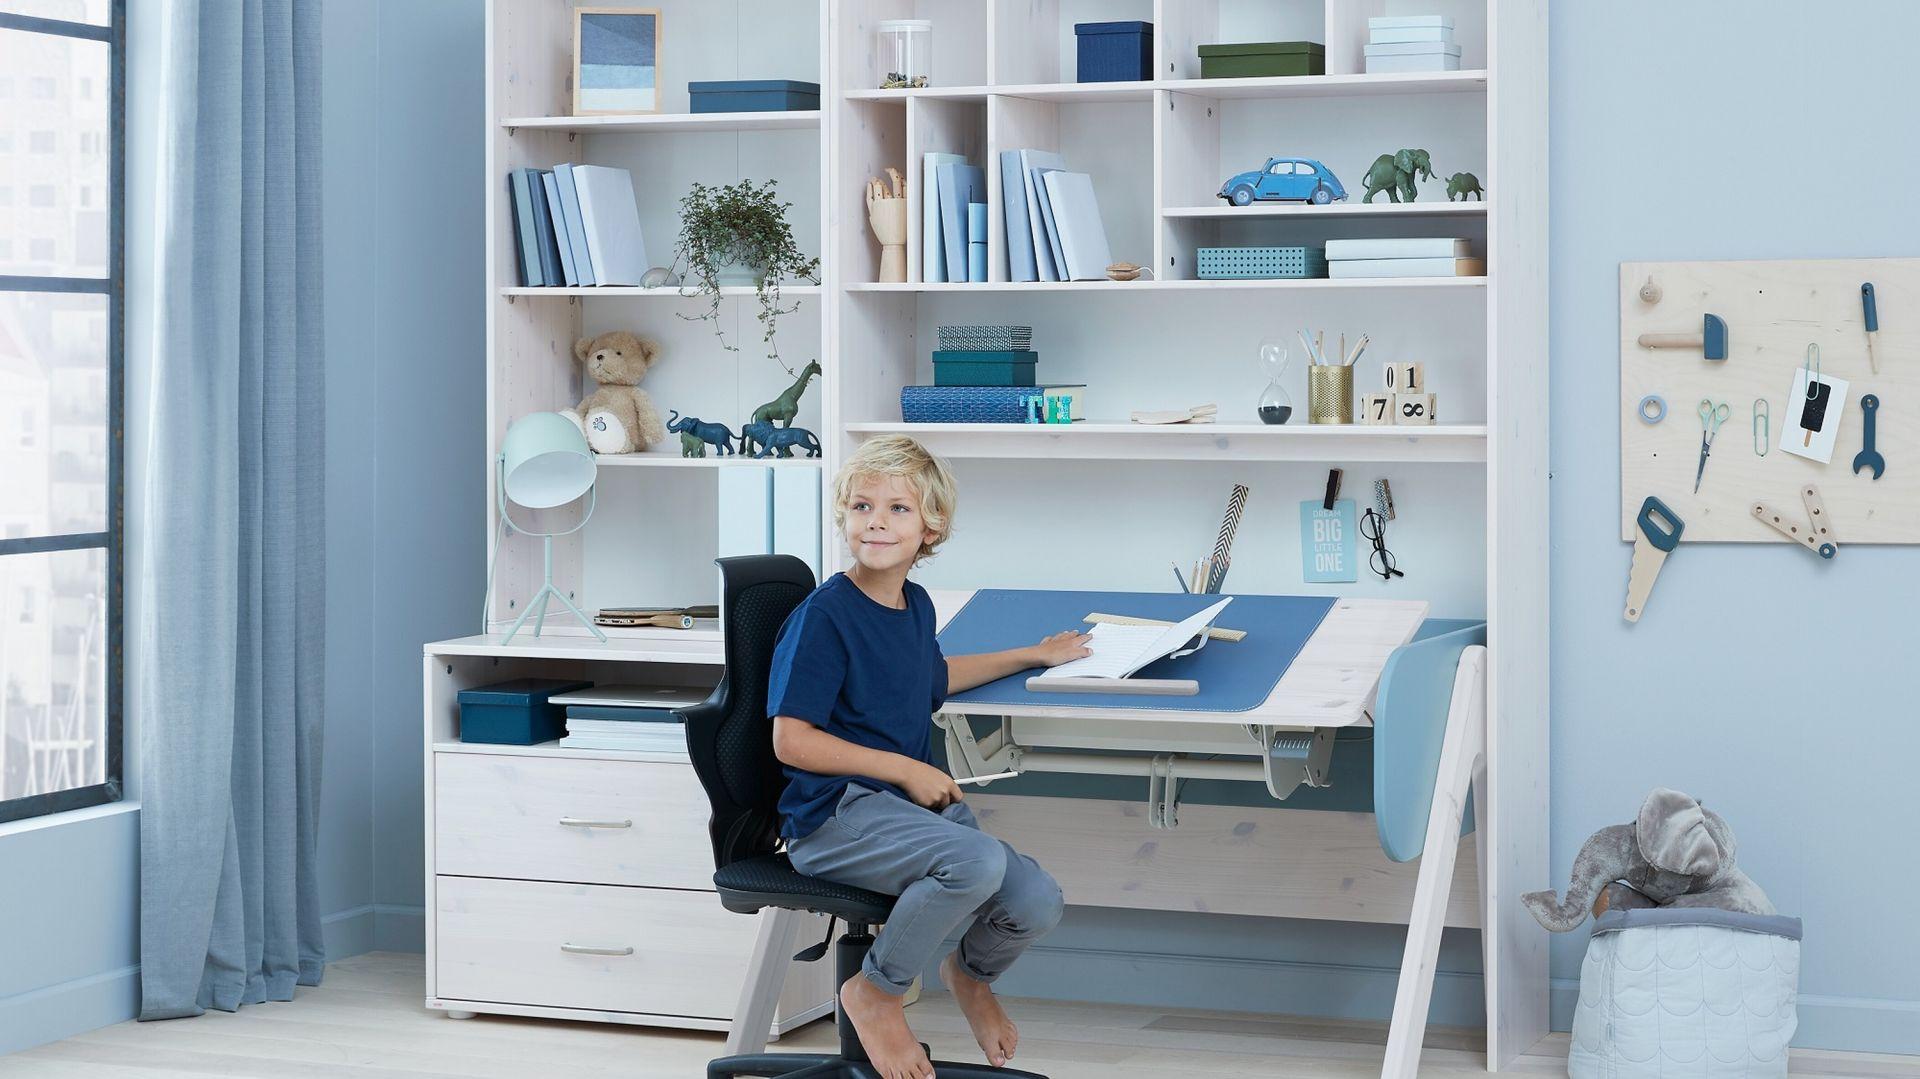 Podstawowa zasada mówi jednak o tym, aby nie mieszać tych dwóch funkcji ze sobą. Aranżując swoje własne domowe biuro, pokażmy dziecku, jak ważne jest wydzielenie miejsca do nauki od miejsca do zabawy . Fot. Felxa Bonami.pl